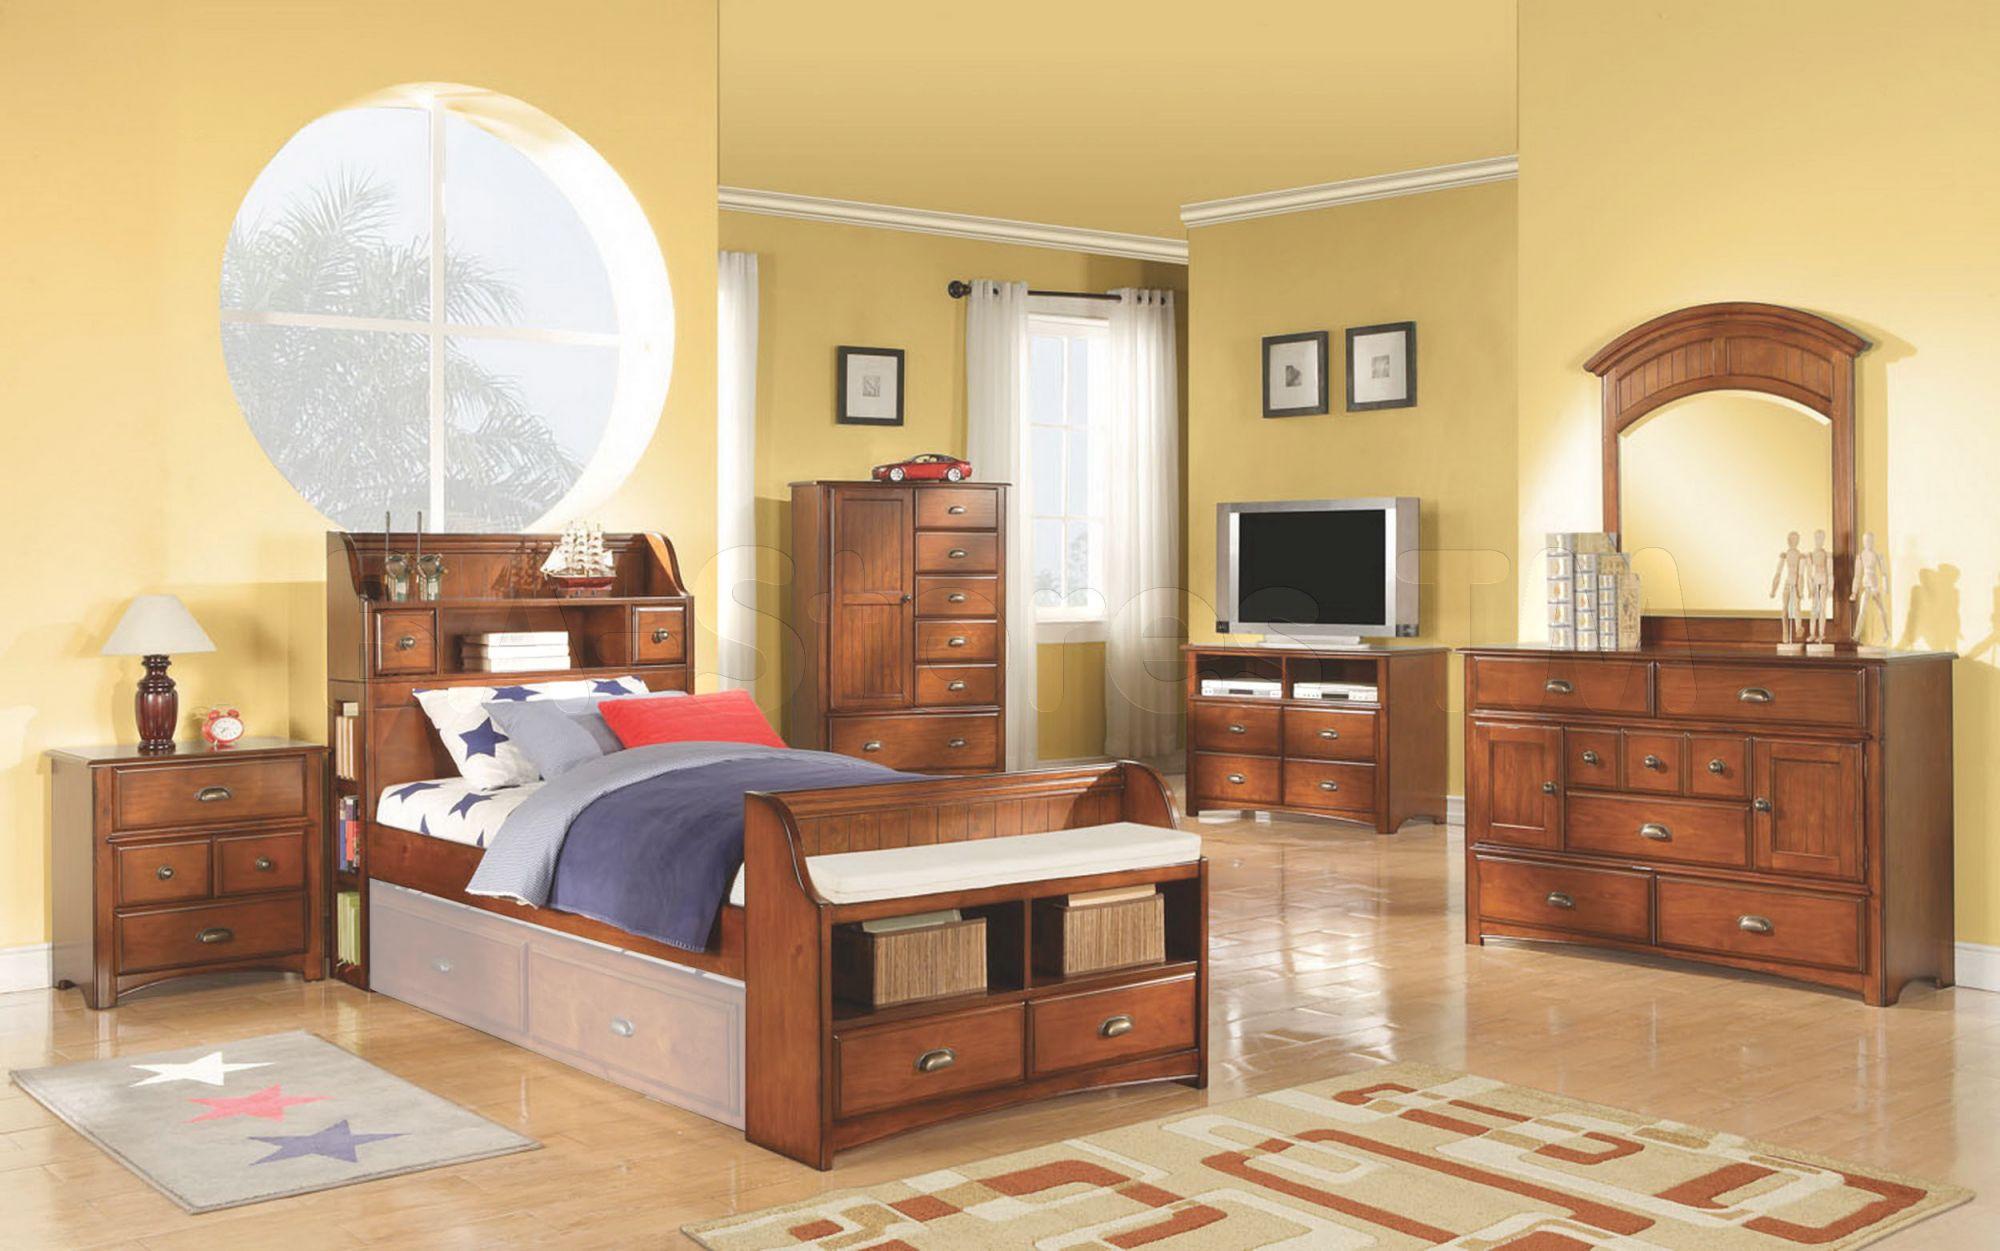 Bedroom Design : Children Furniture Kids Sets Free Shipping within Lovely Boys Bedroom Furniture Sets